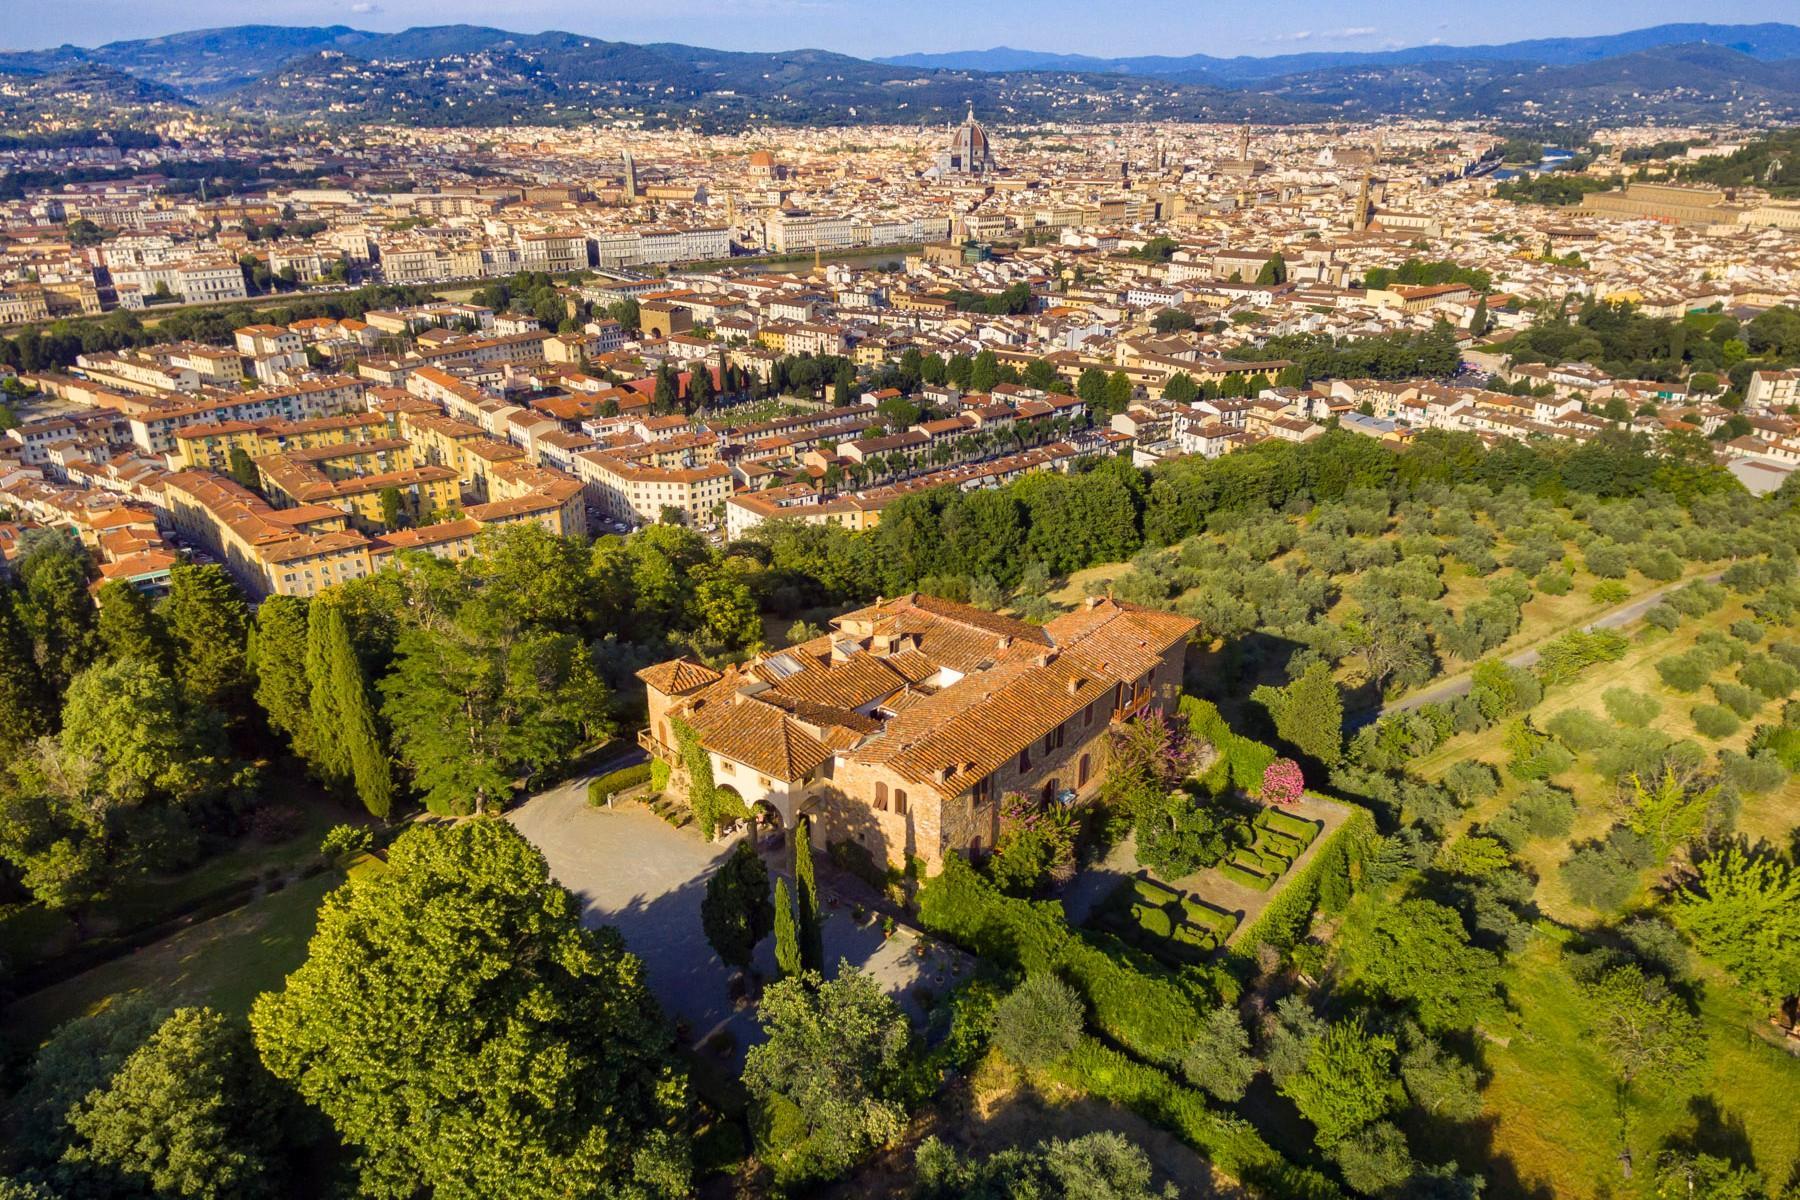 拥有令人叹为观止佛罗伦萨城市风光的别墅 - 1